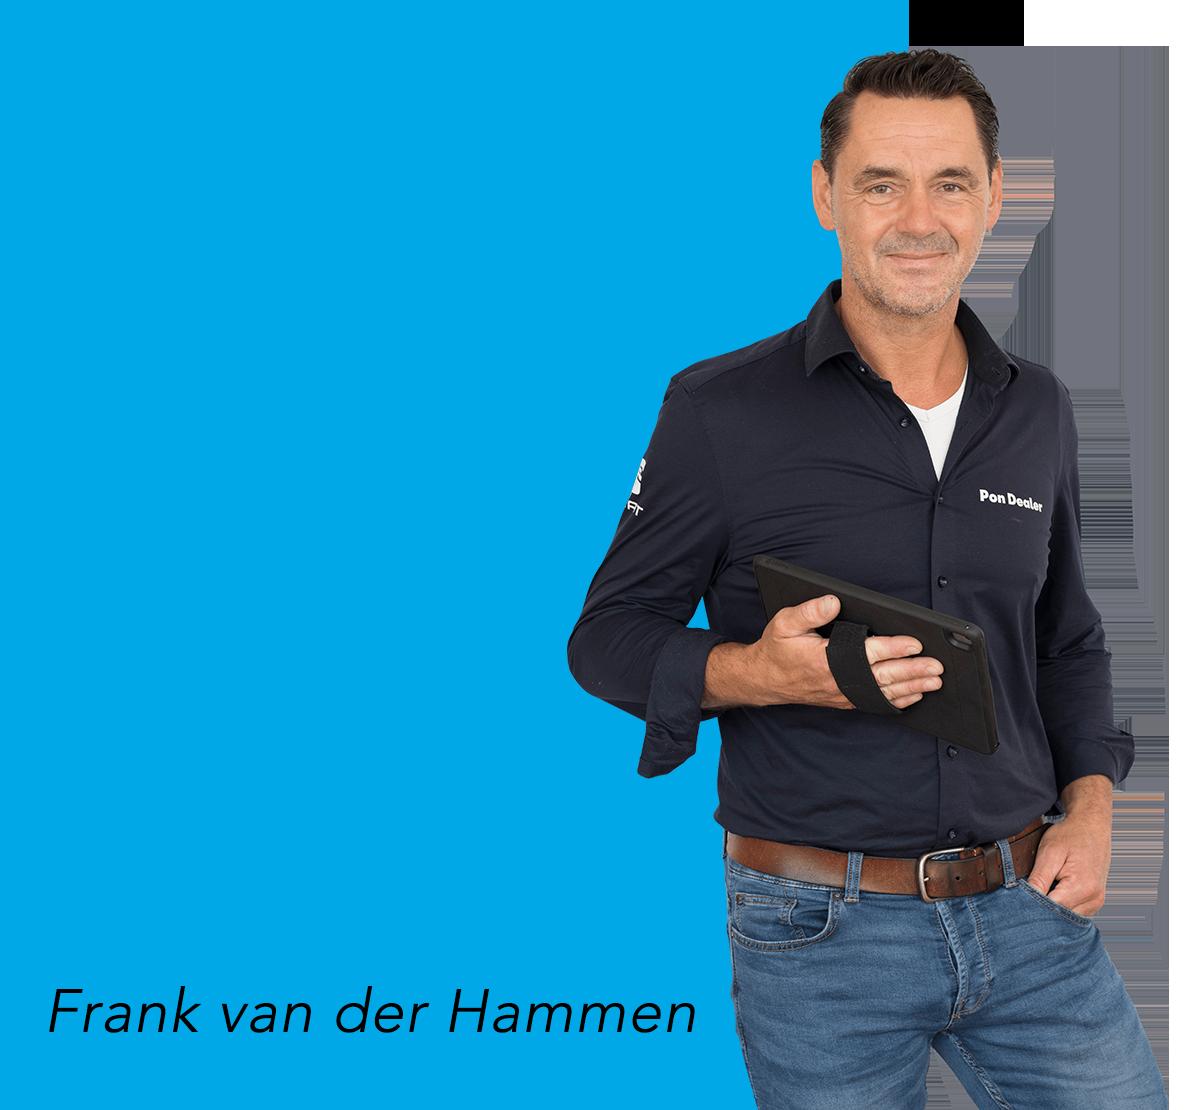 Frank_vd_Hammen_BG_DEF.png